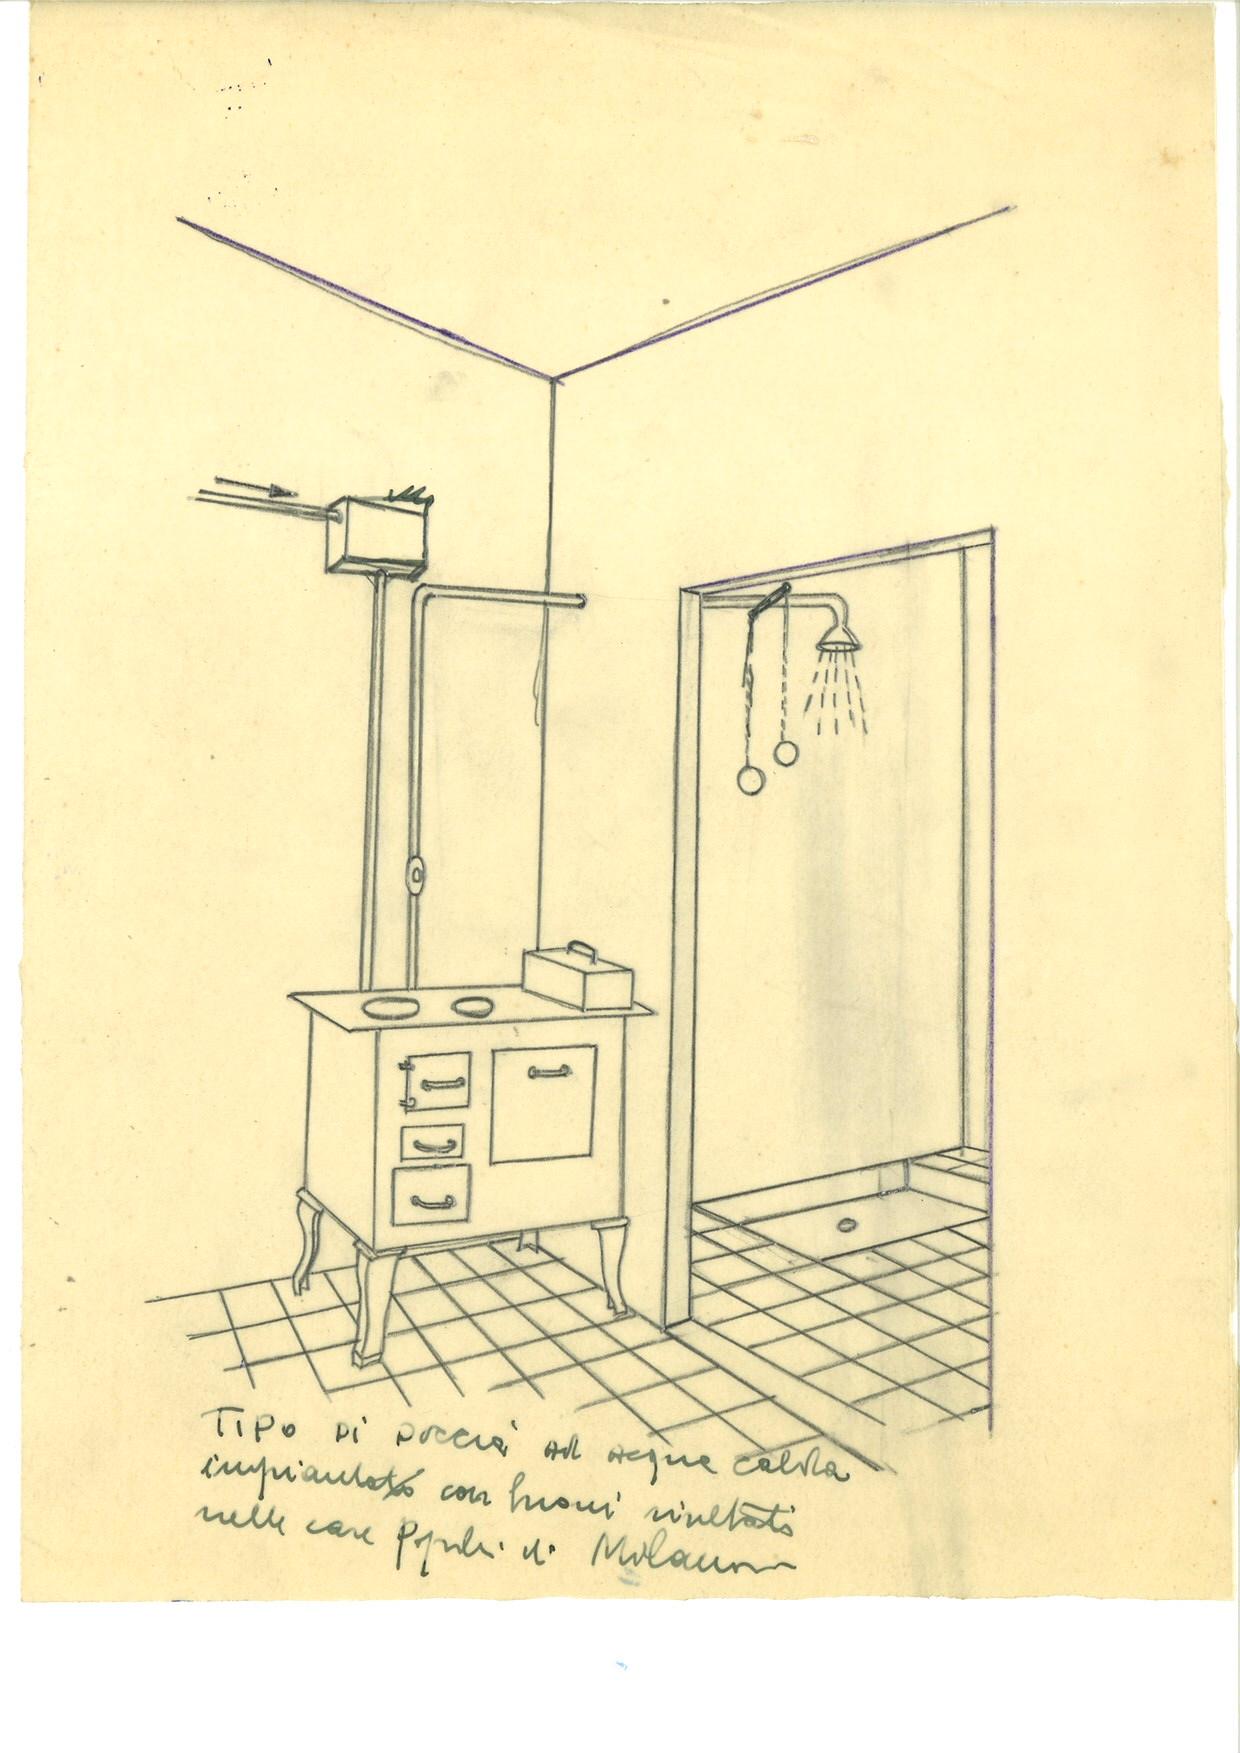 Progetto di tipo di doccia per case popolari (1942)